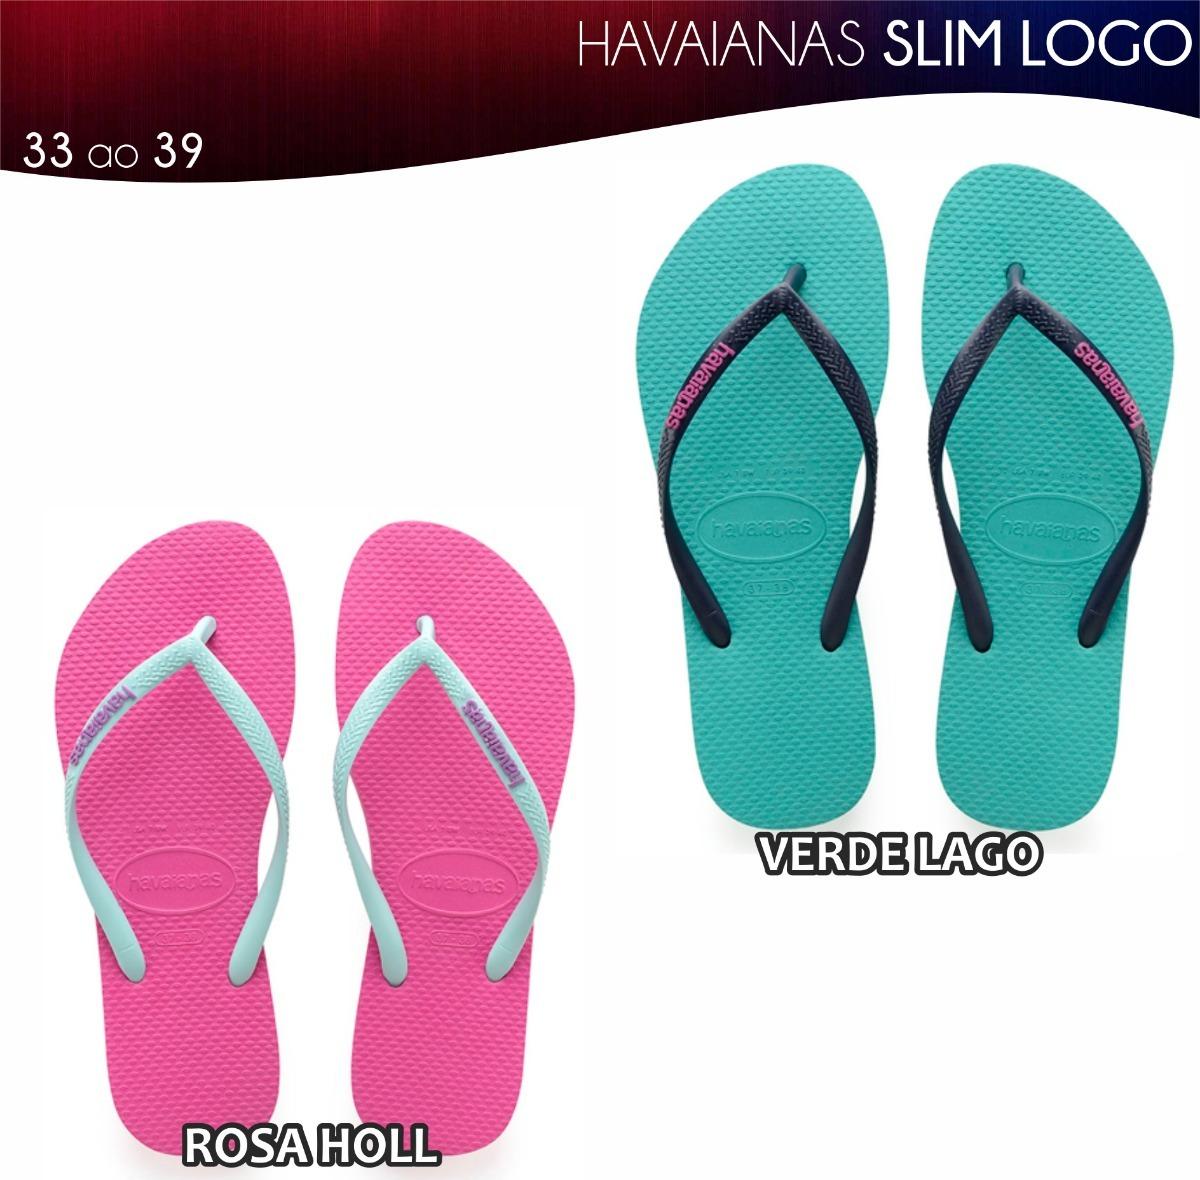 c5fa592489 Chinelo Havaianas Slim Log Pop 15 Pares Originais Atacado - R  335 ...